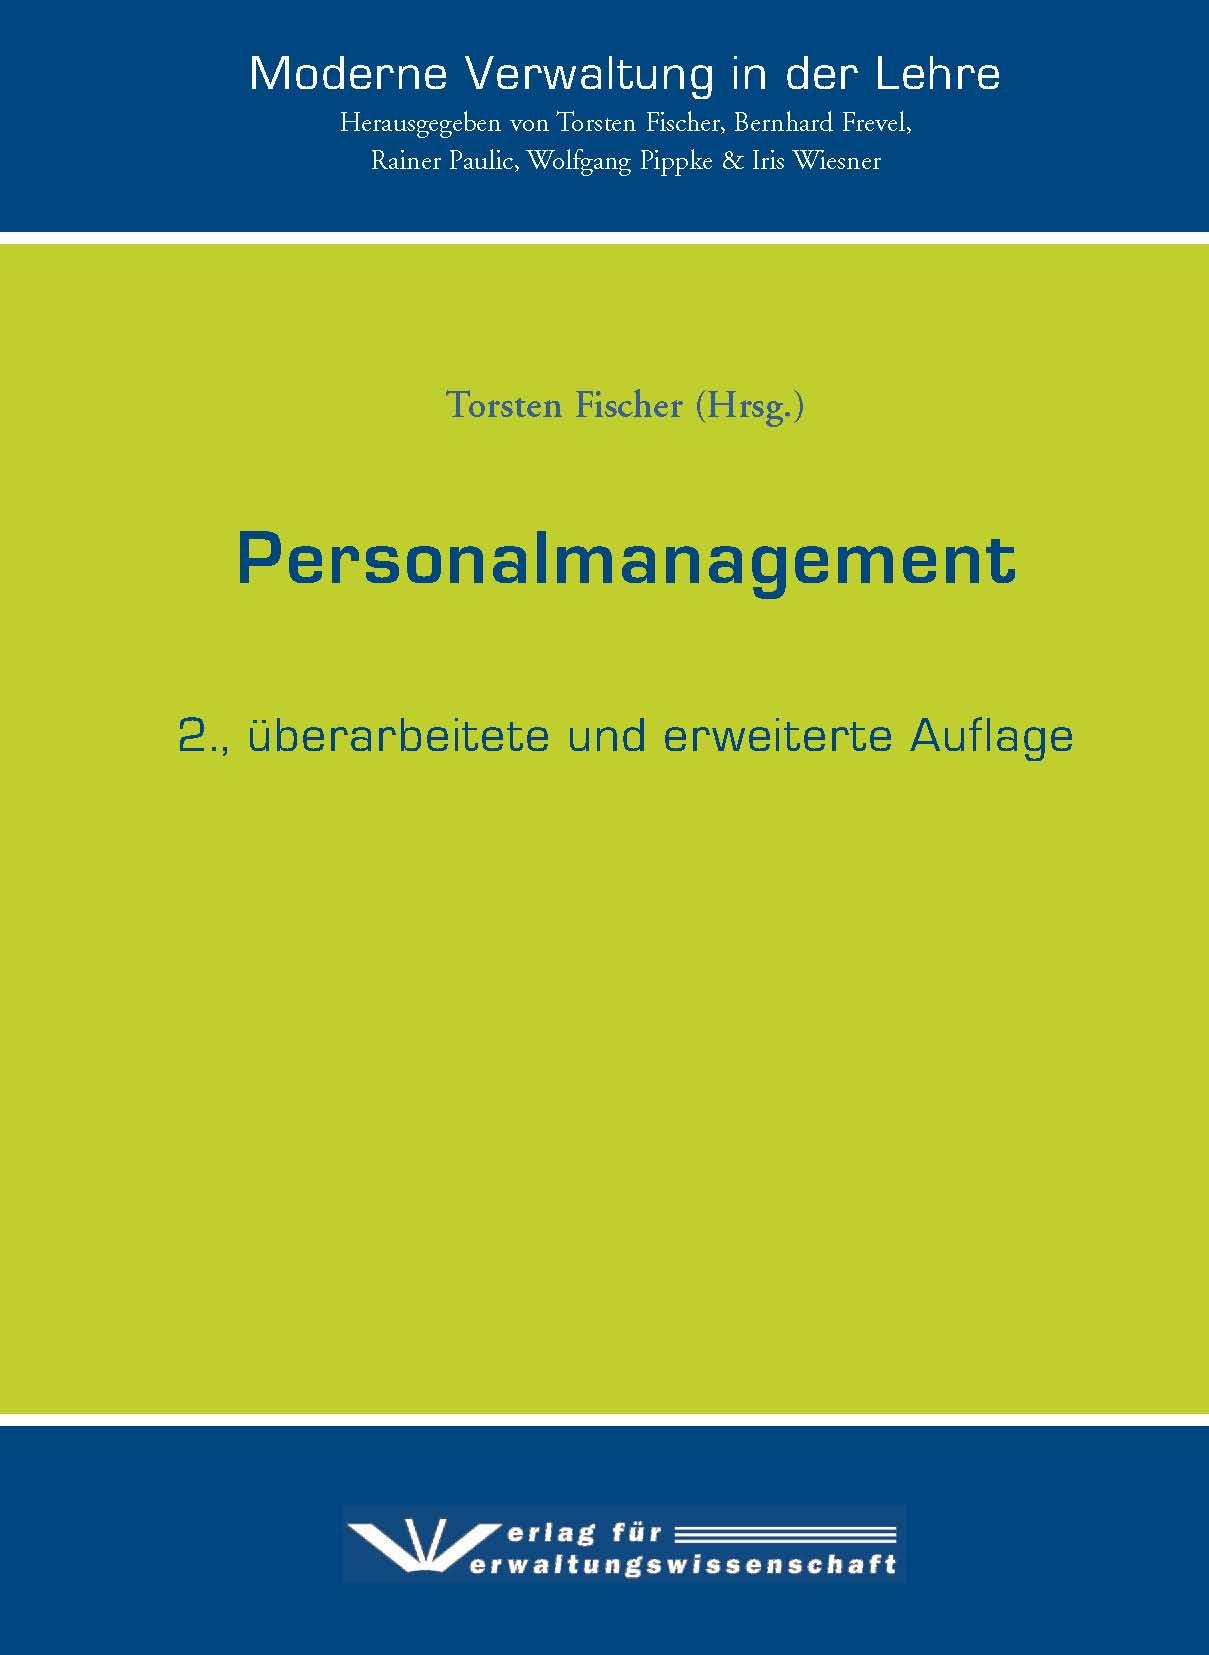 Personalmanagement Torsten Fischer